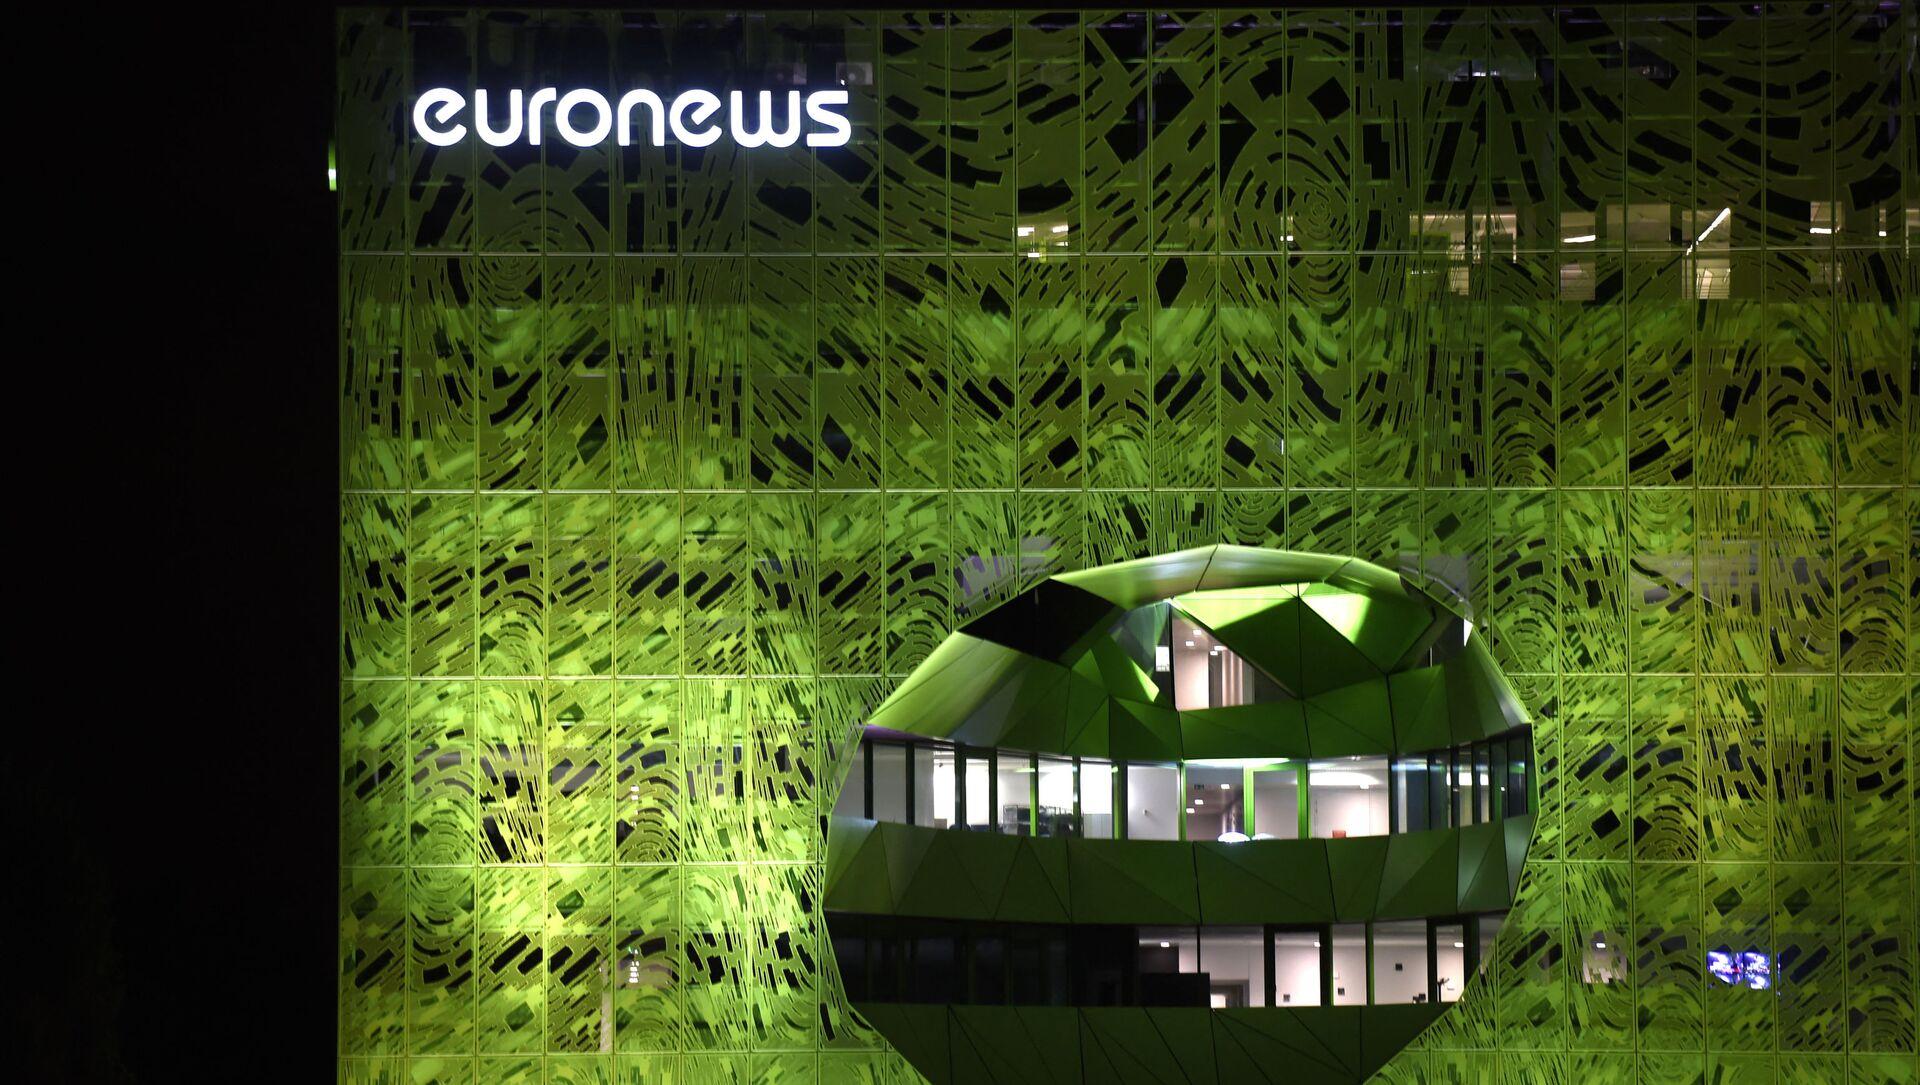 Budynek biura kanału telewizyjnego Euronews w Lyonie, Francja - Sputnik Polska, 1920, 12.04.2021